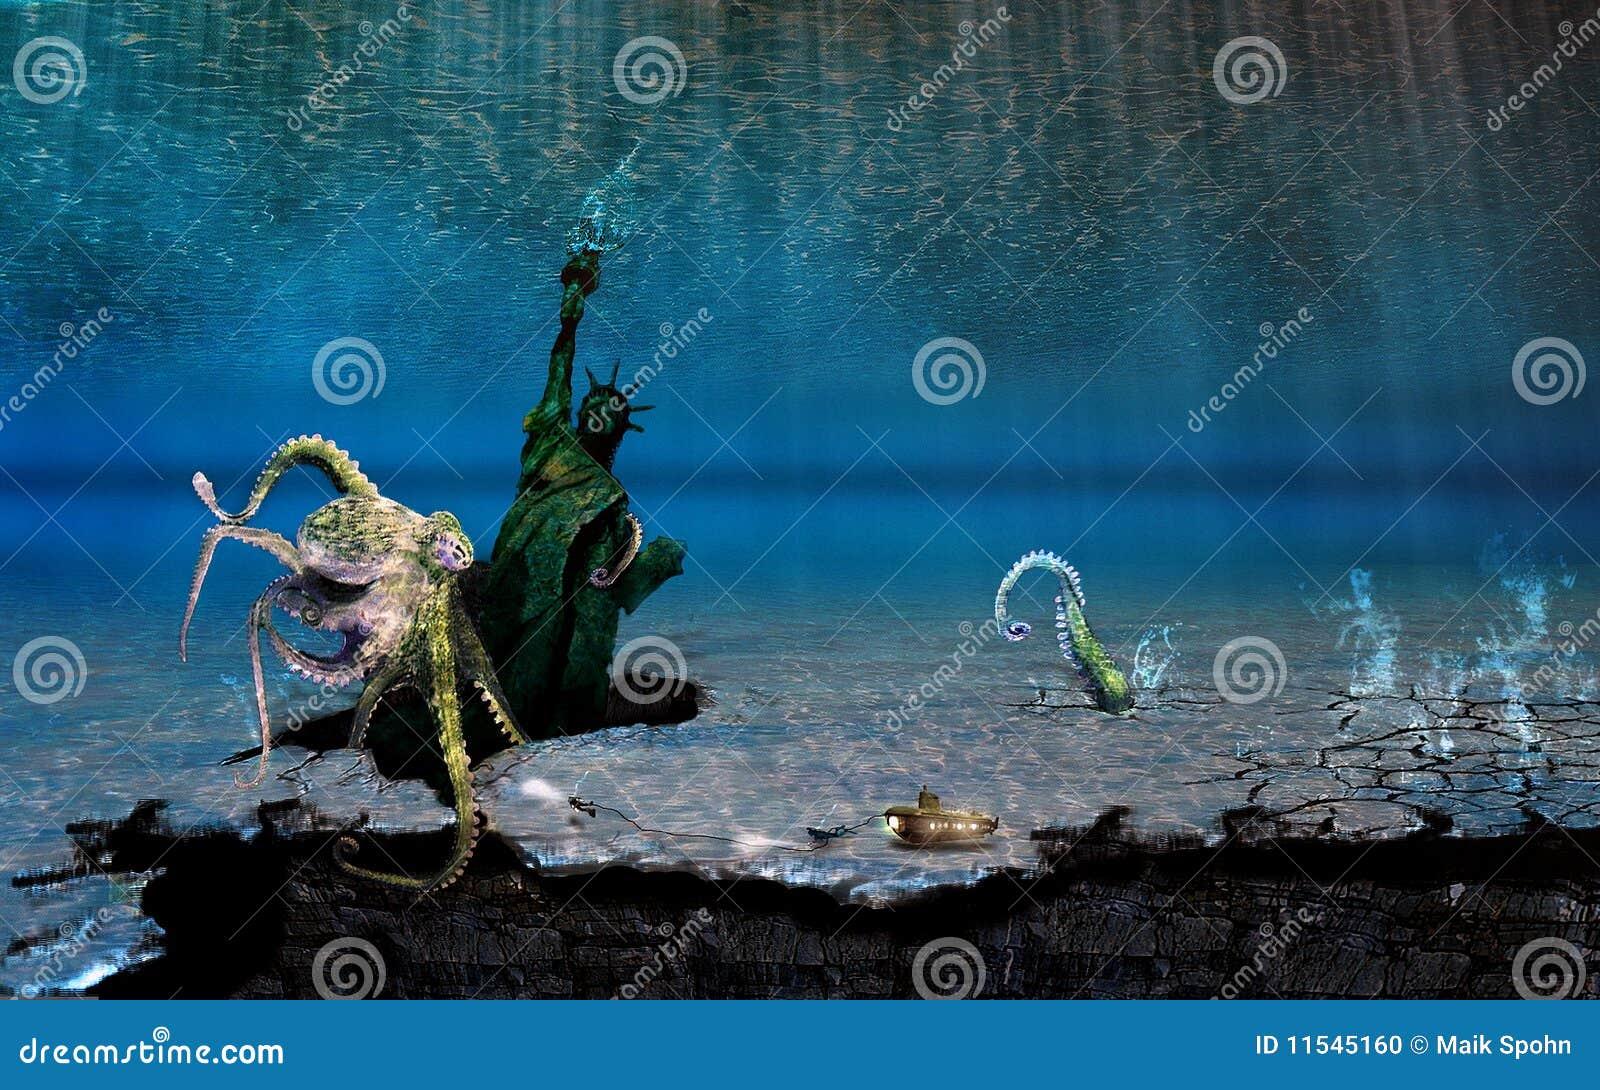 Underwater sightseeing tour